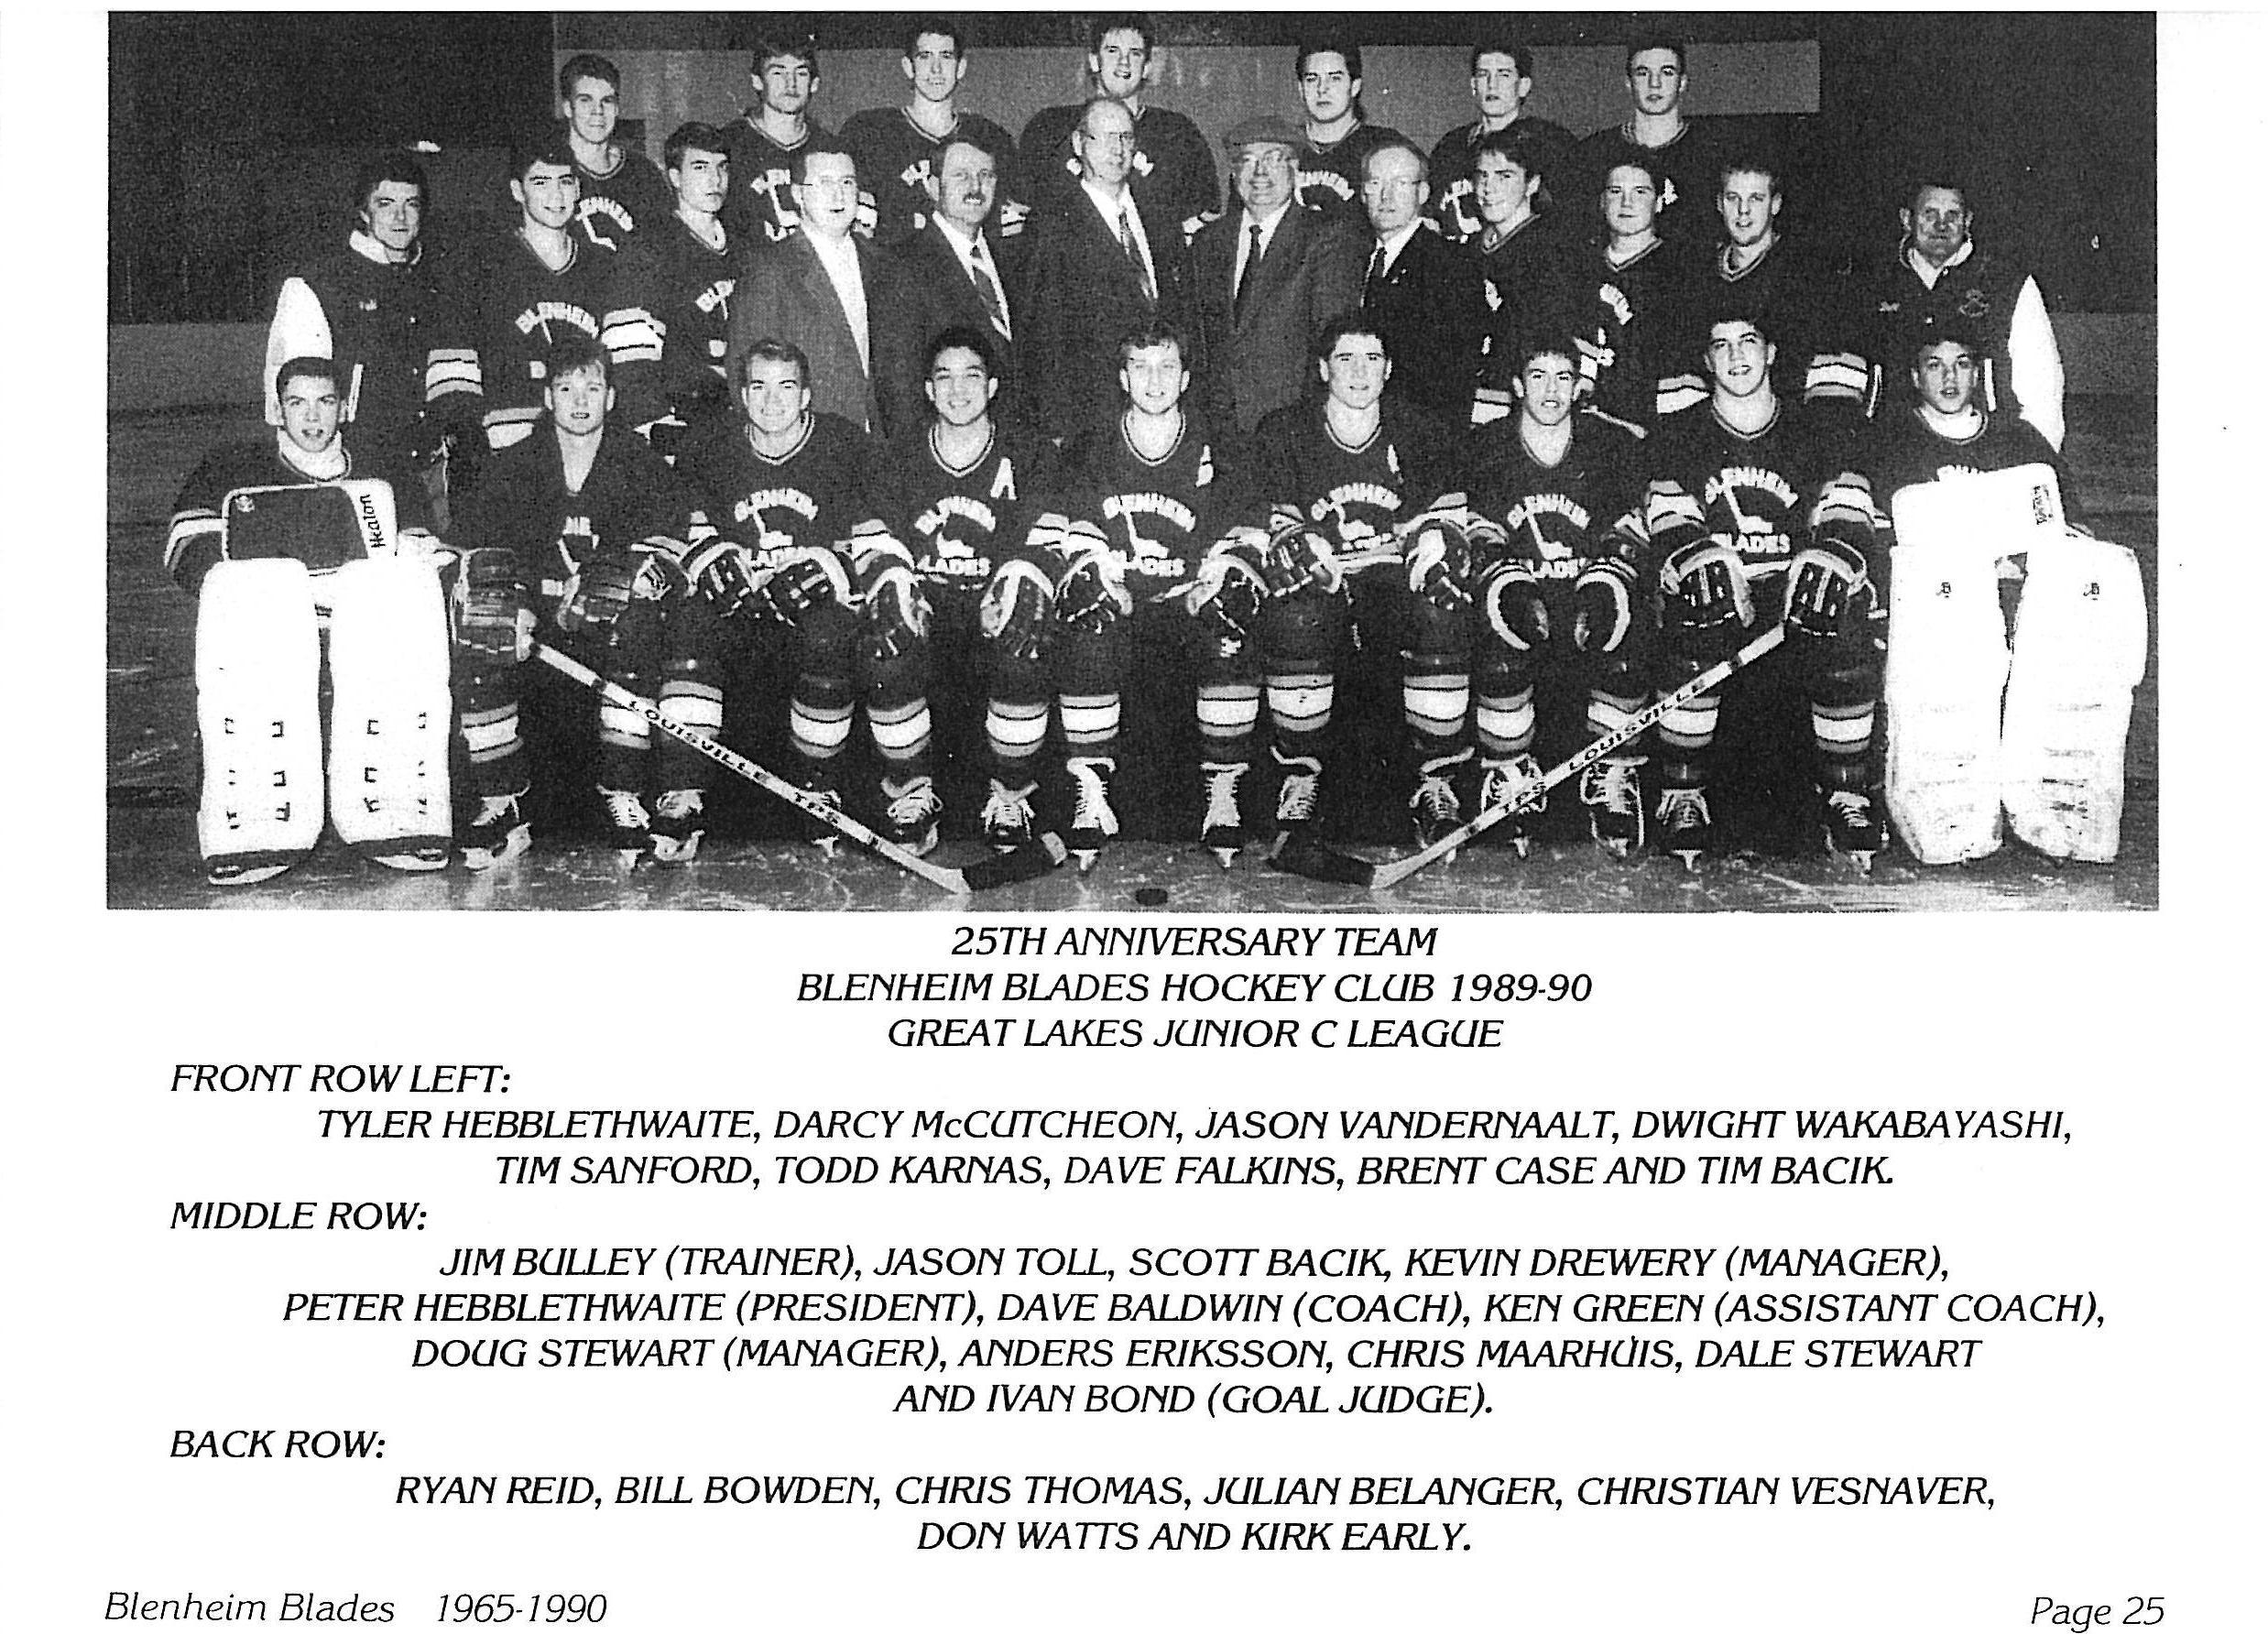 1989-90 GLJHL Season